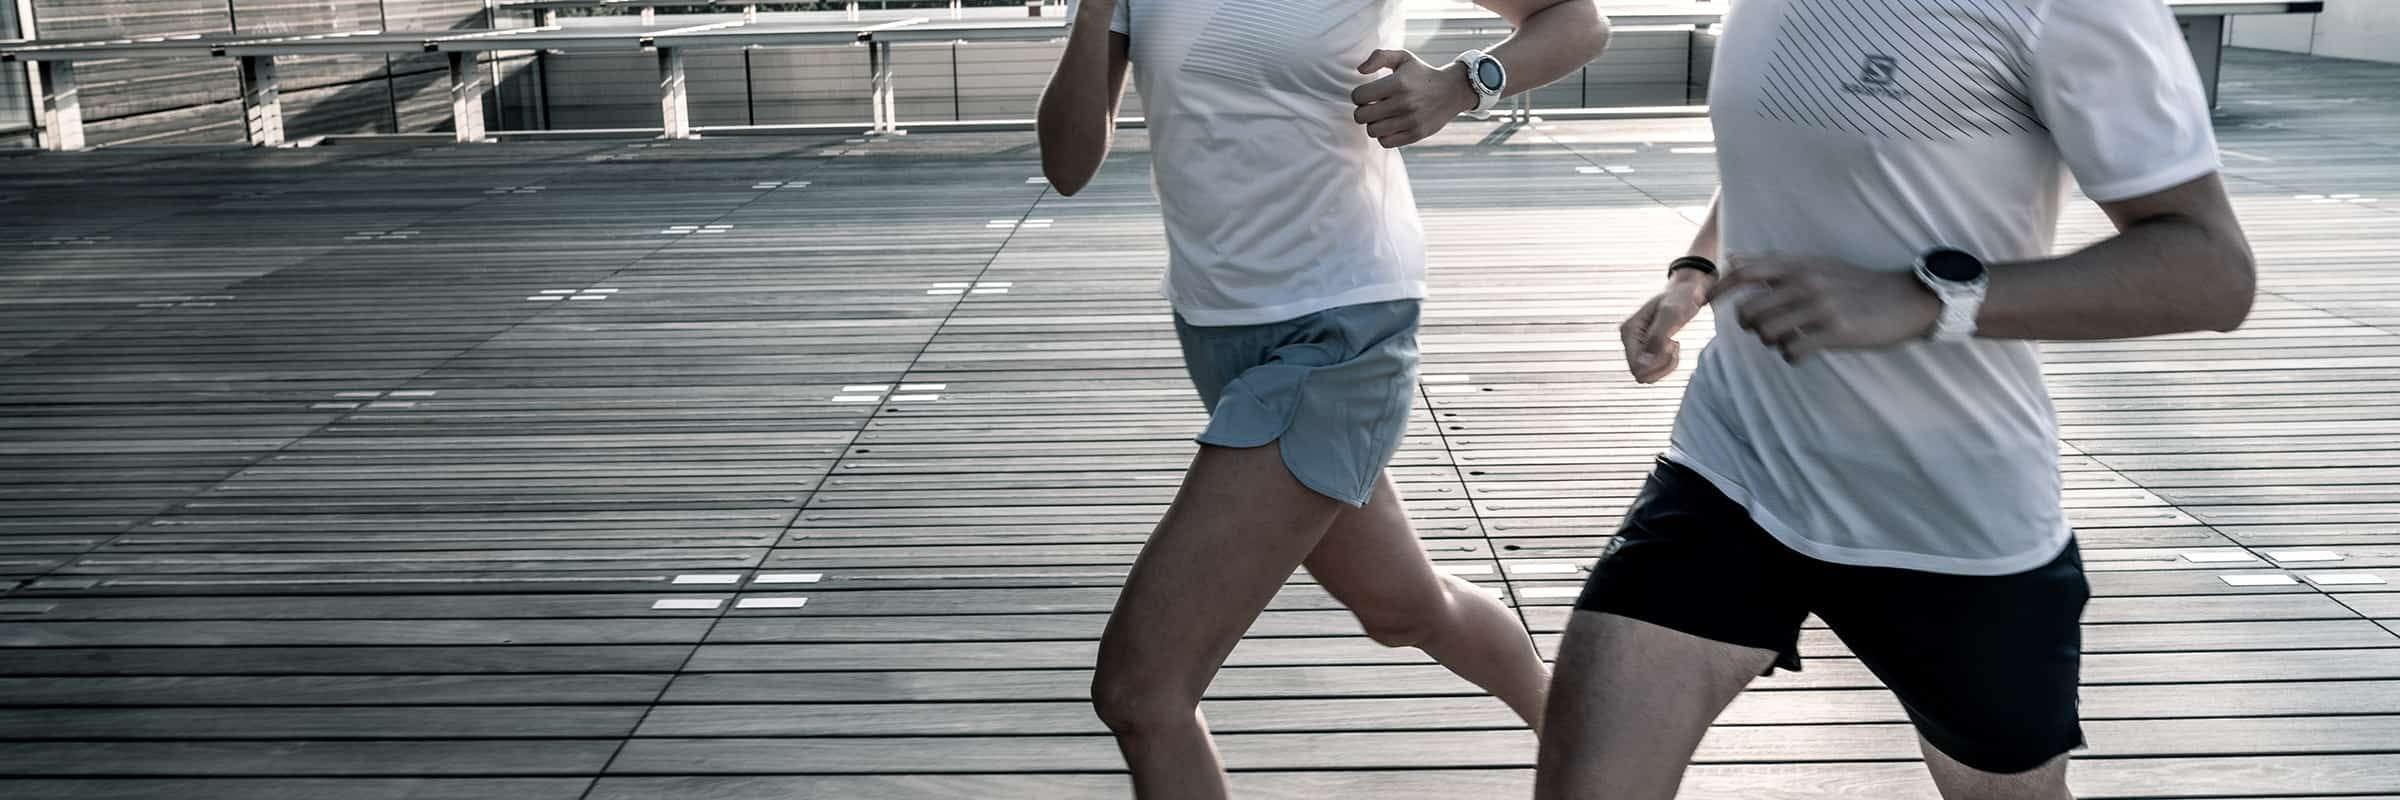 Les meilleurs shorts de course en 2021